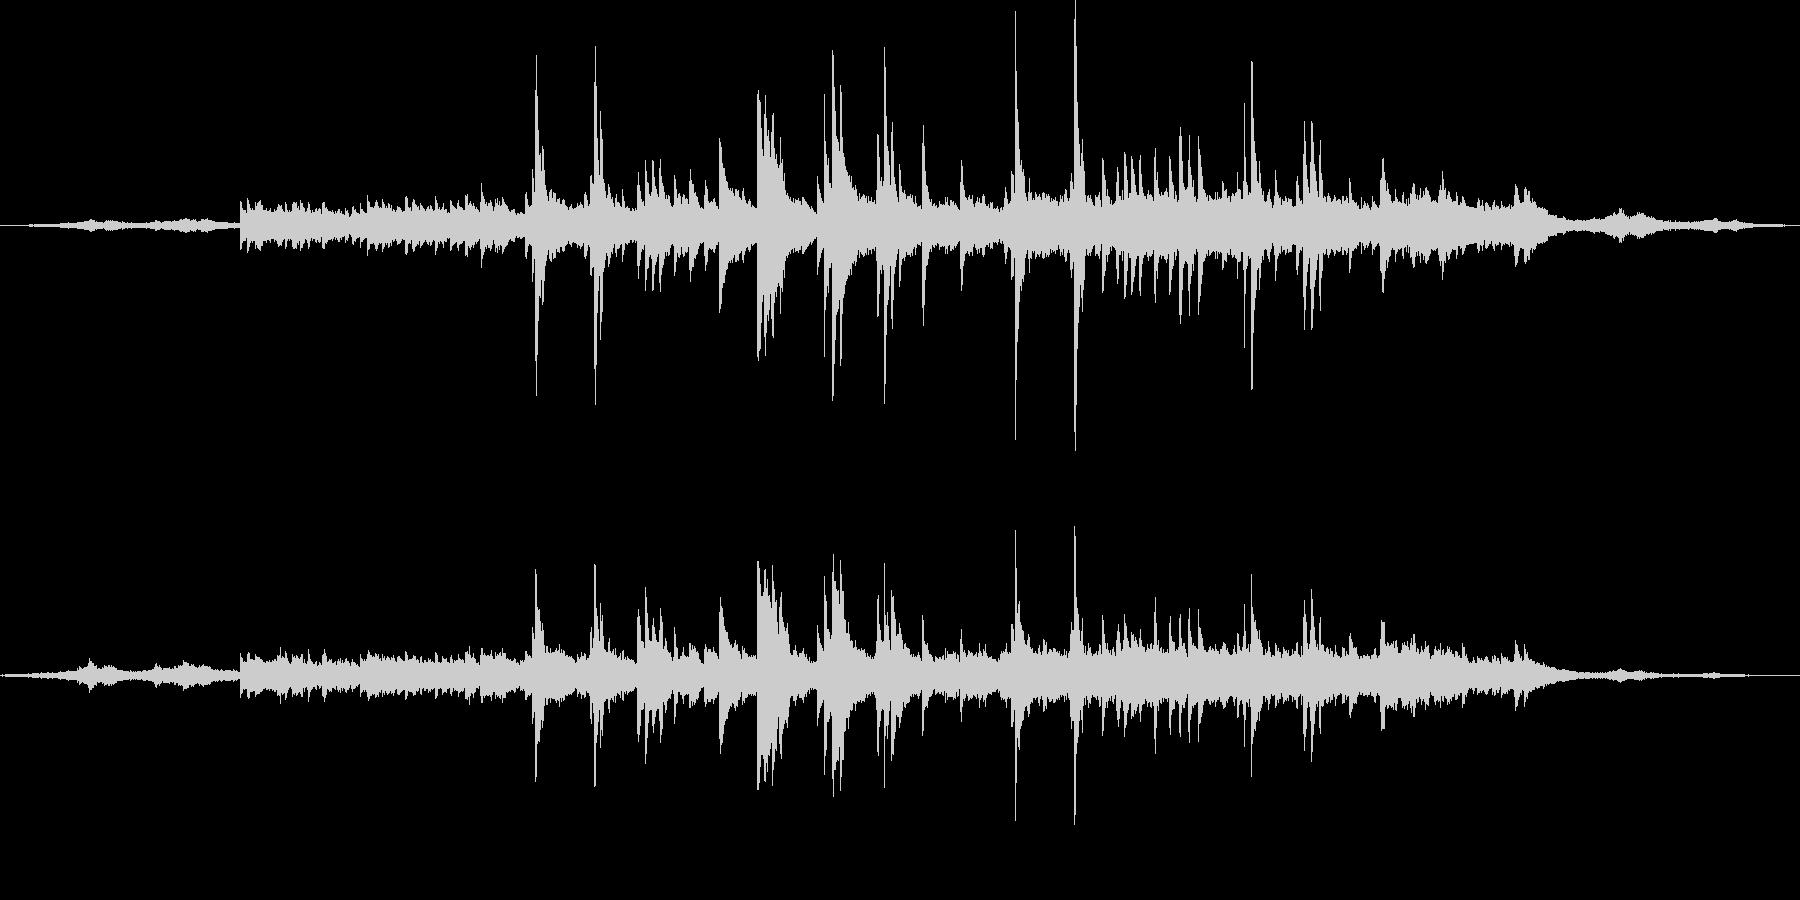 波音に寄り添うようなセンチメンタルピアノの未再生の波形